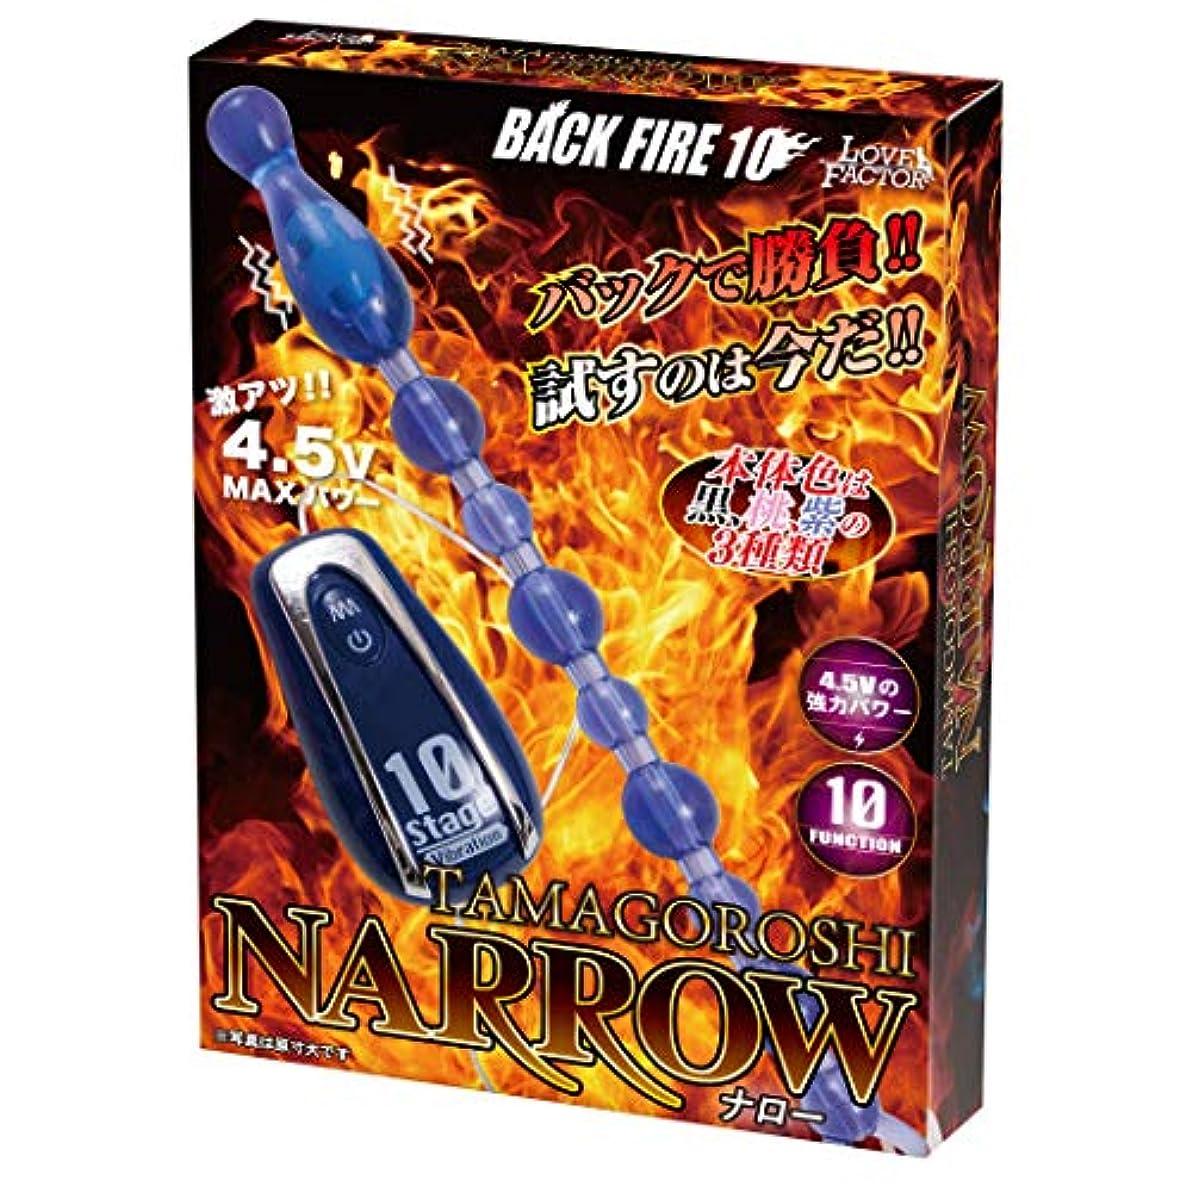 いろいろドロップ裁定BACK FIRE TAMAGOROSHI NARROW (ナロー) 紫 アナル拡張 アナル開発 プラグ SM調教 携帯式 野外プレー 男女兼用